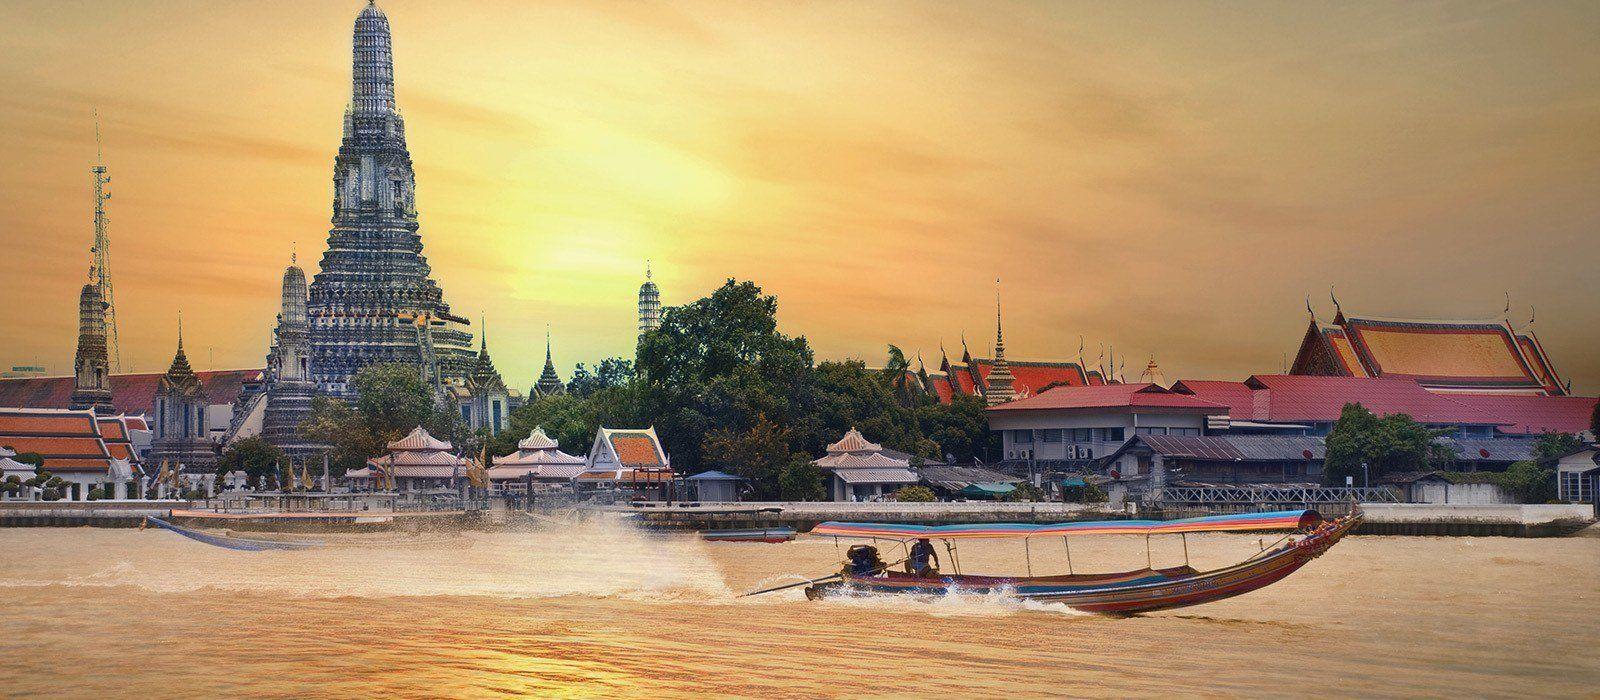 Thailands Geheimtipps entdecken – Sonderangebot Urlaub 5